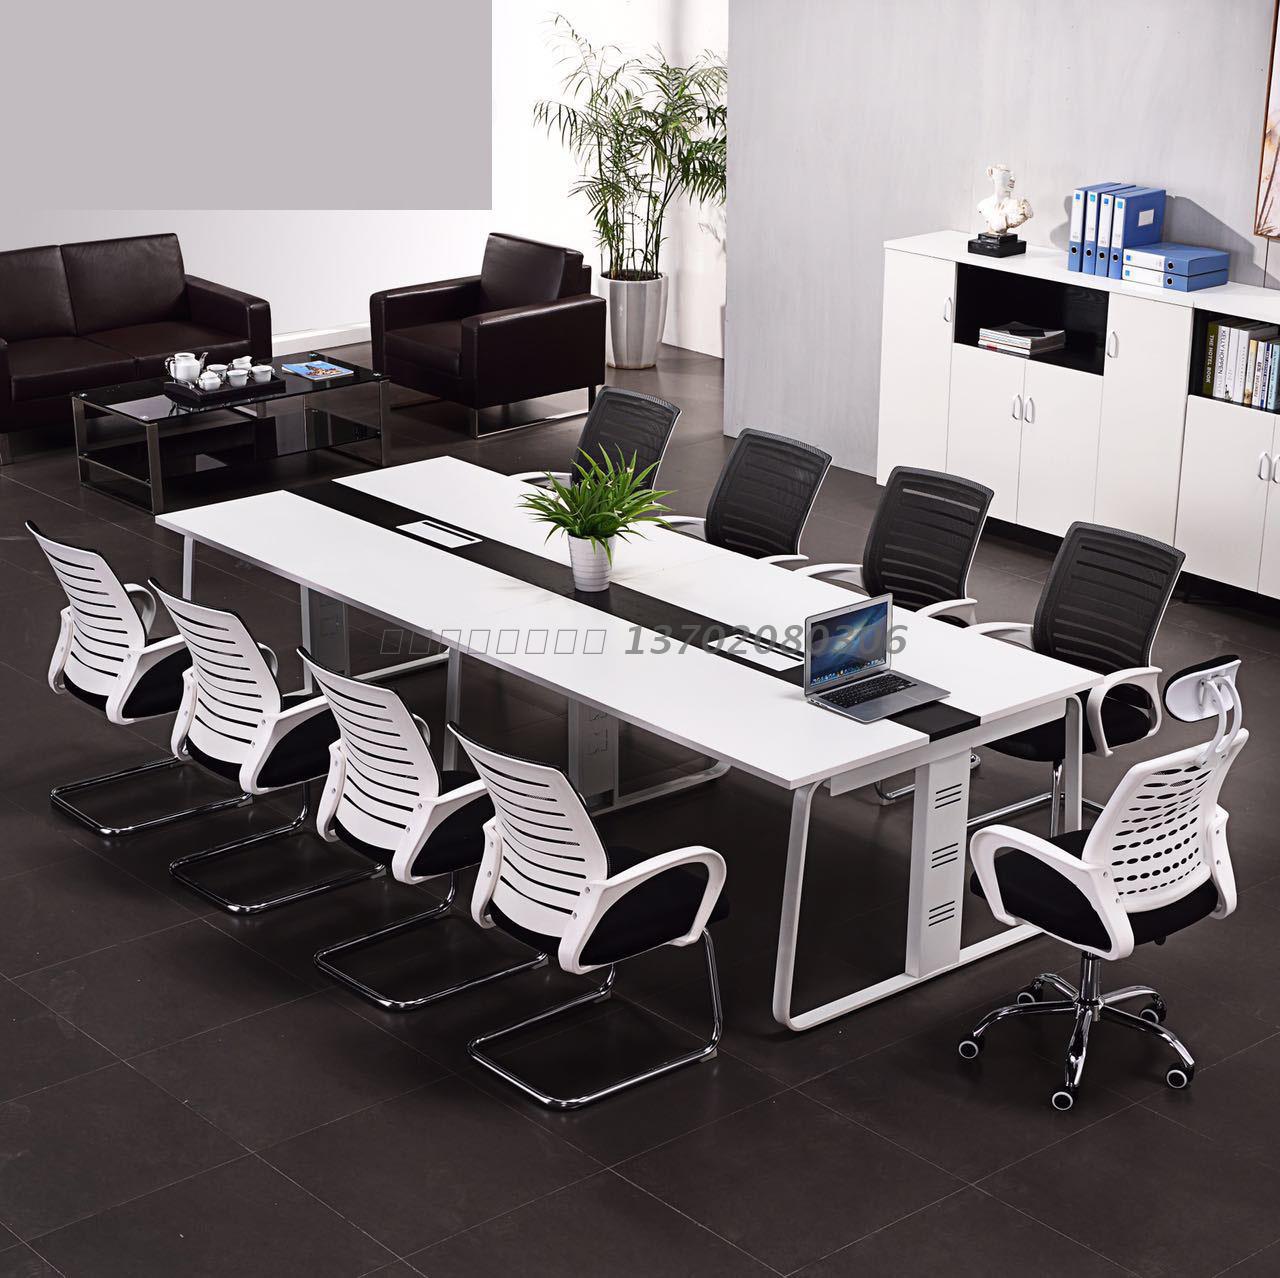 天津办公家具 商业办公家具办公桌会议桌 简约现代大气多人会议桌